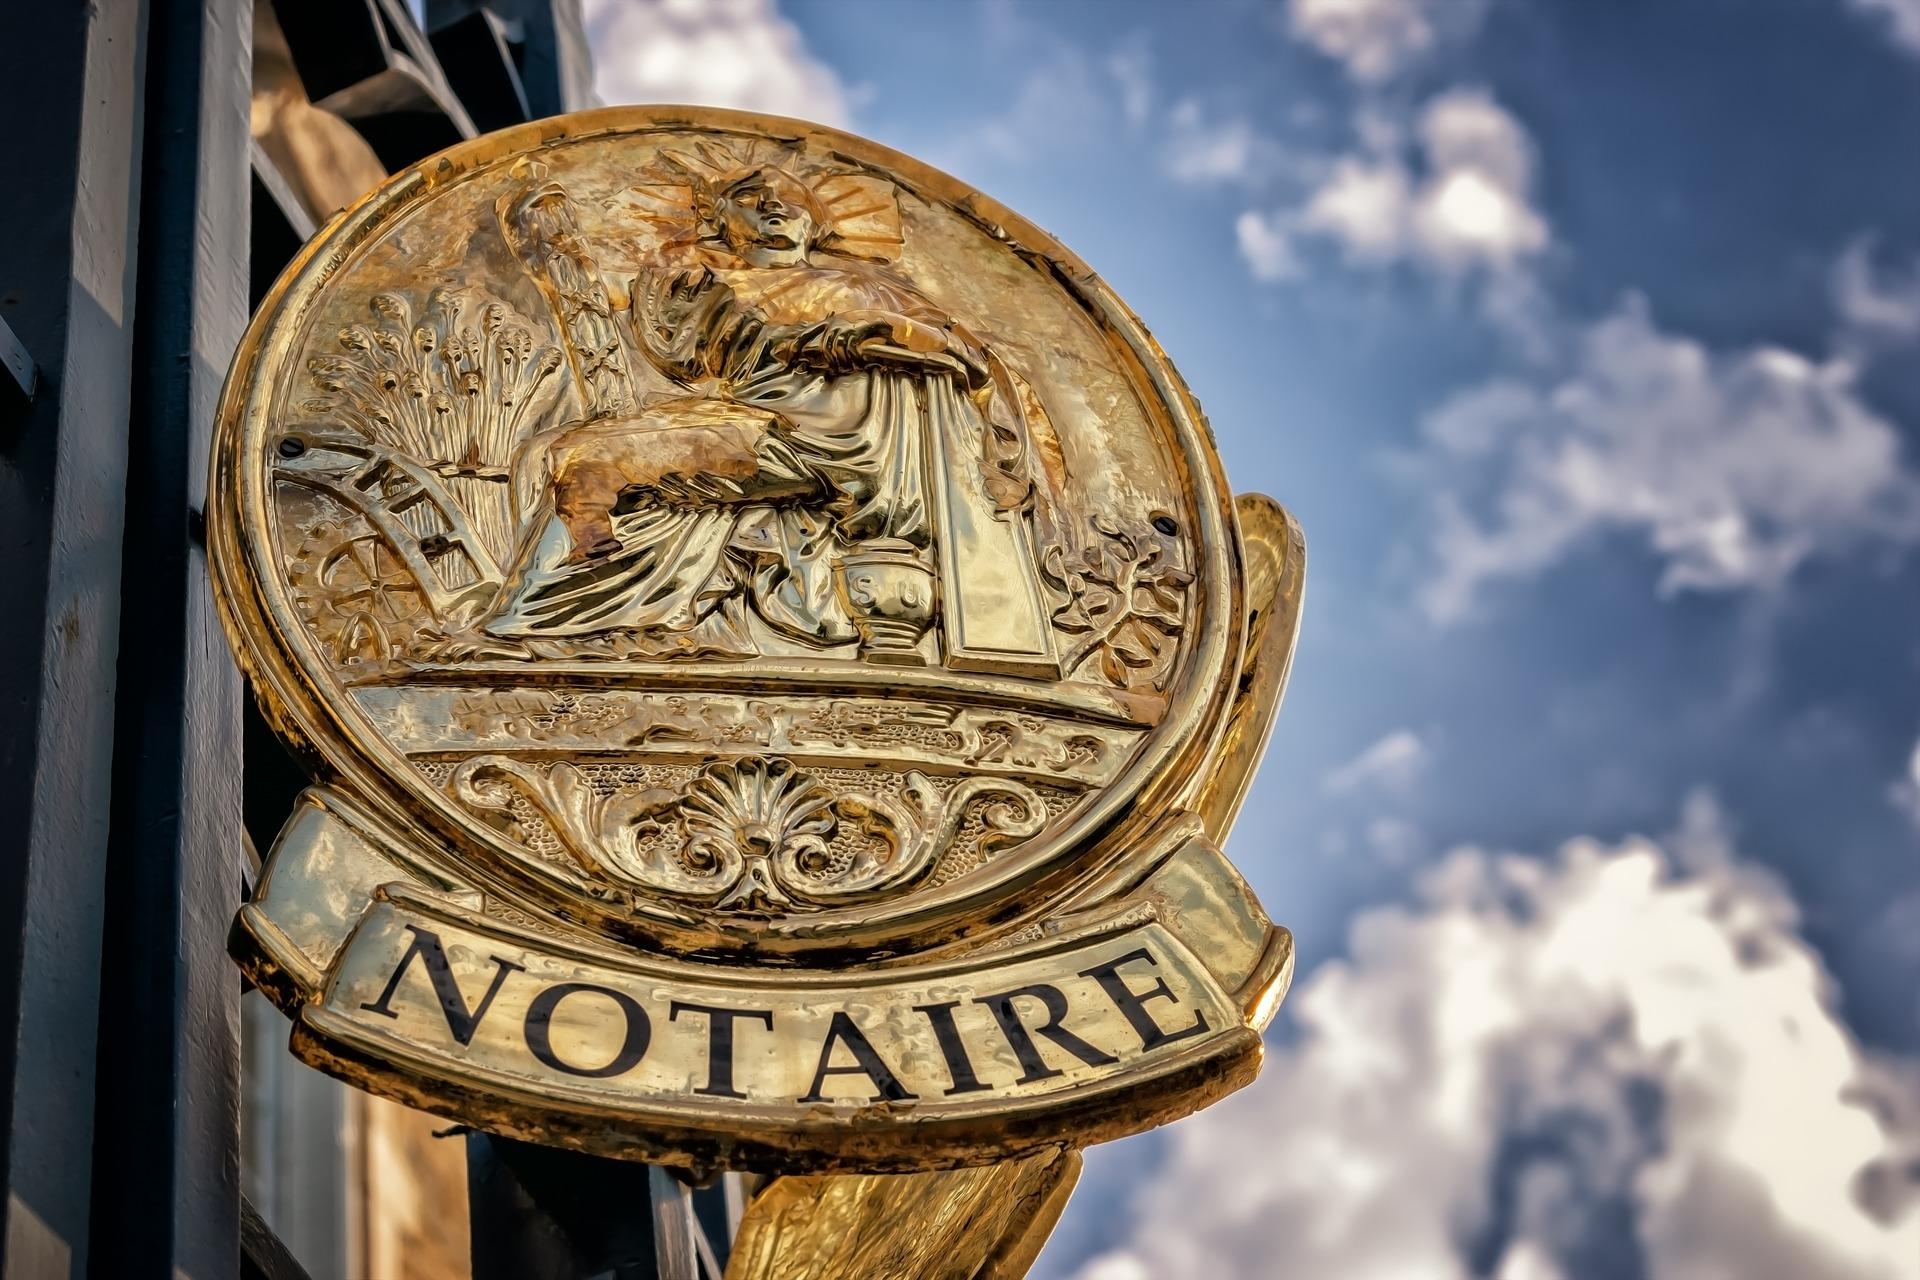 Der Weg zum Notar ist teuer / Pixabay